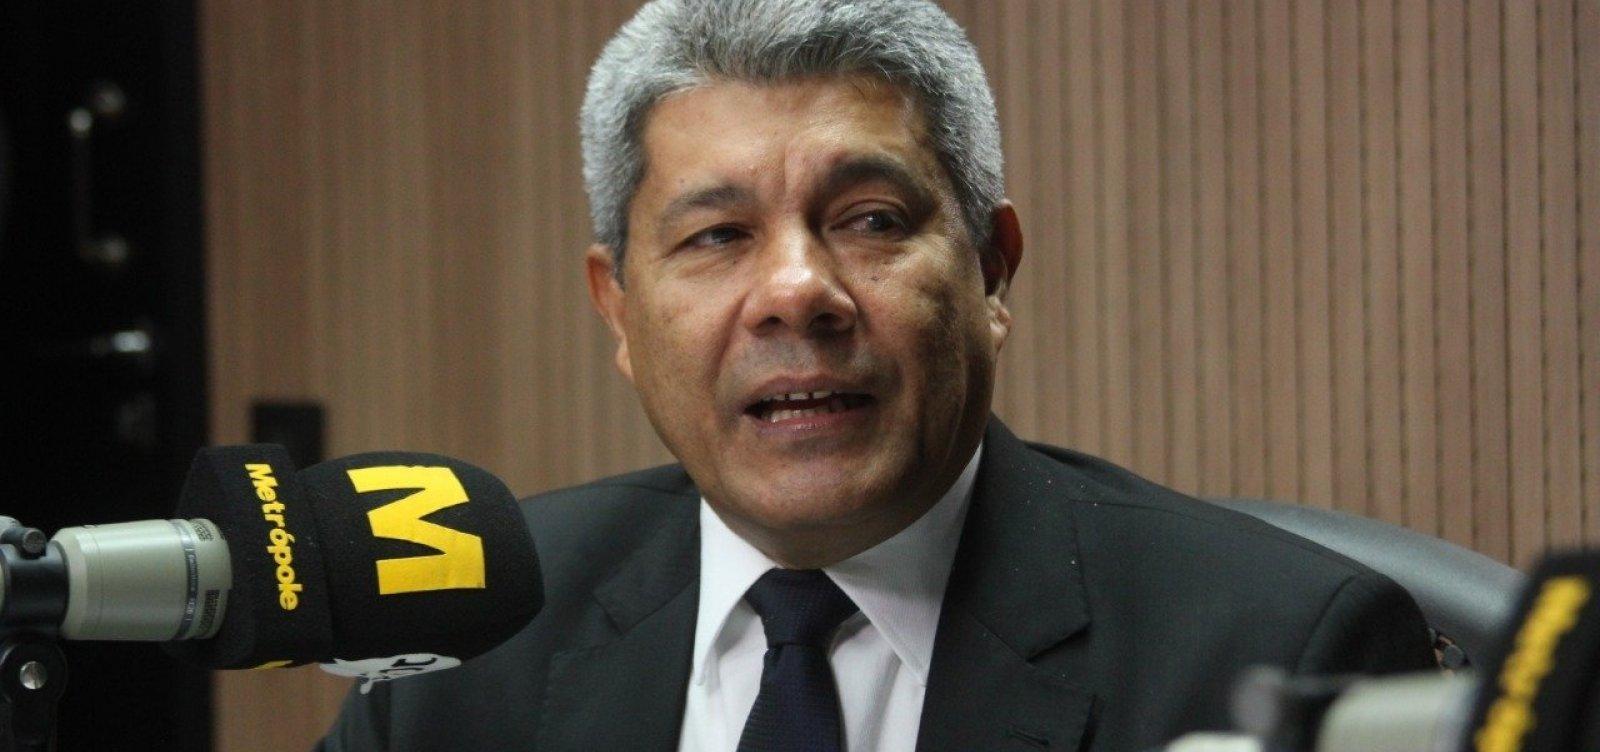 Secretário da Educação diz que pasta quer liberar mil aposentadorias até final do ano